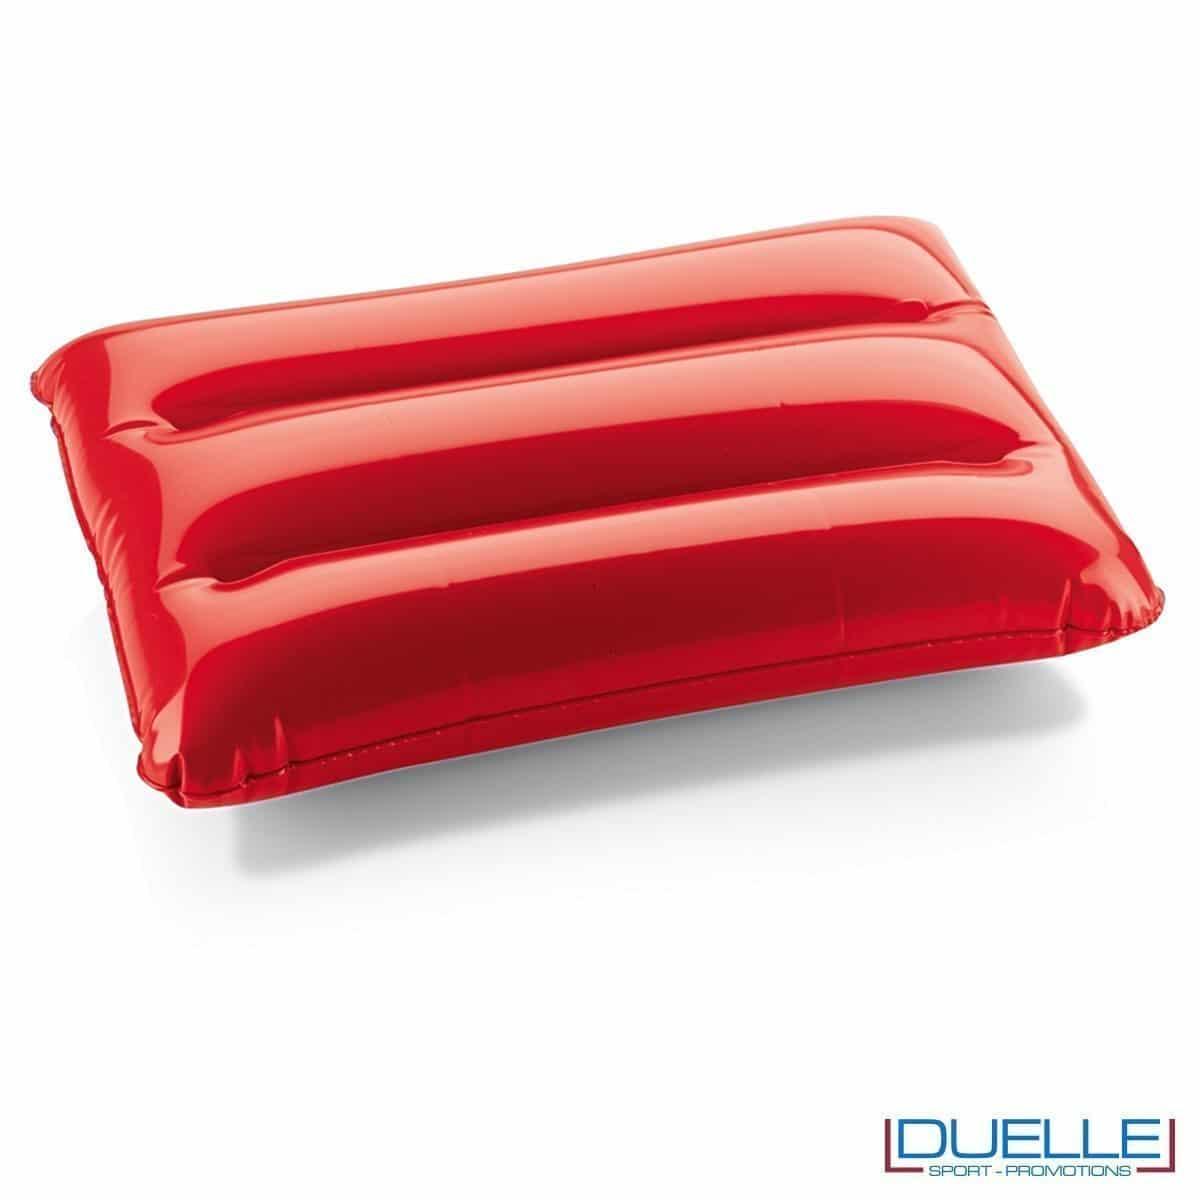 cuscino gonfiabile personalizzato in colore rosso, cuscinetto gonfiabile, gadget mare personalizzati